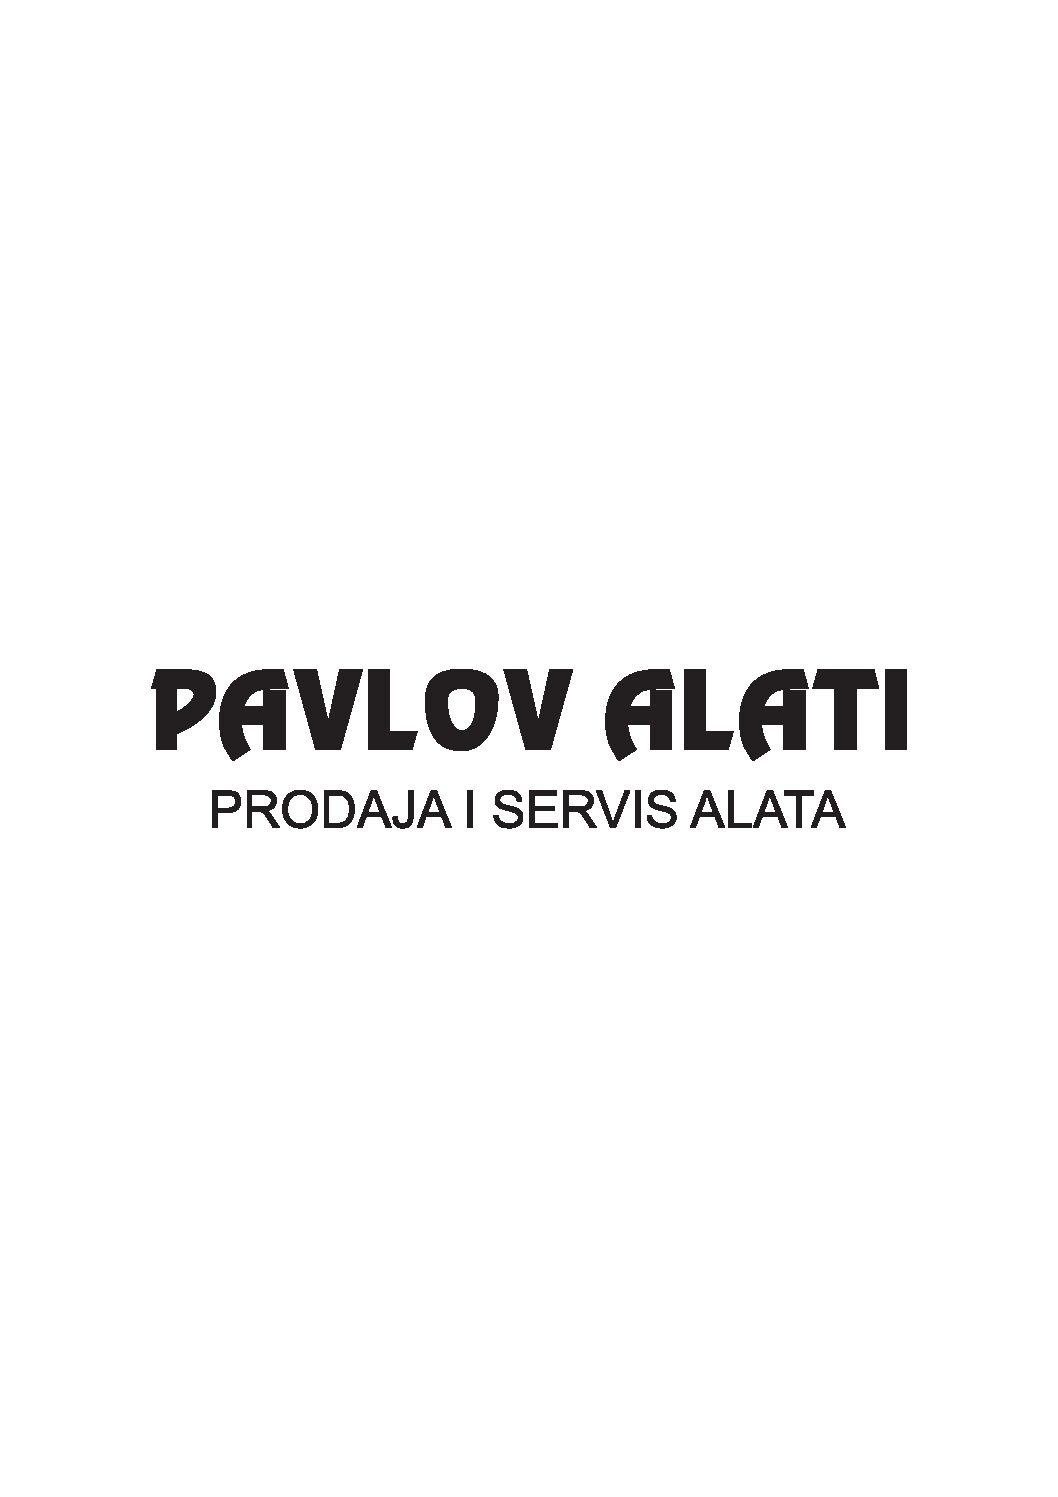 PAVLOV ALATI